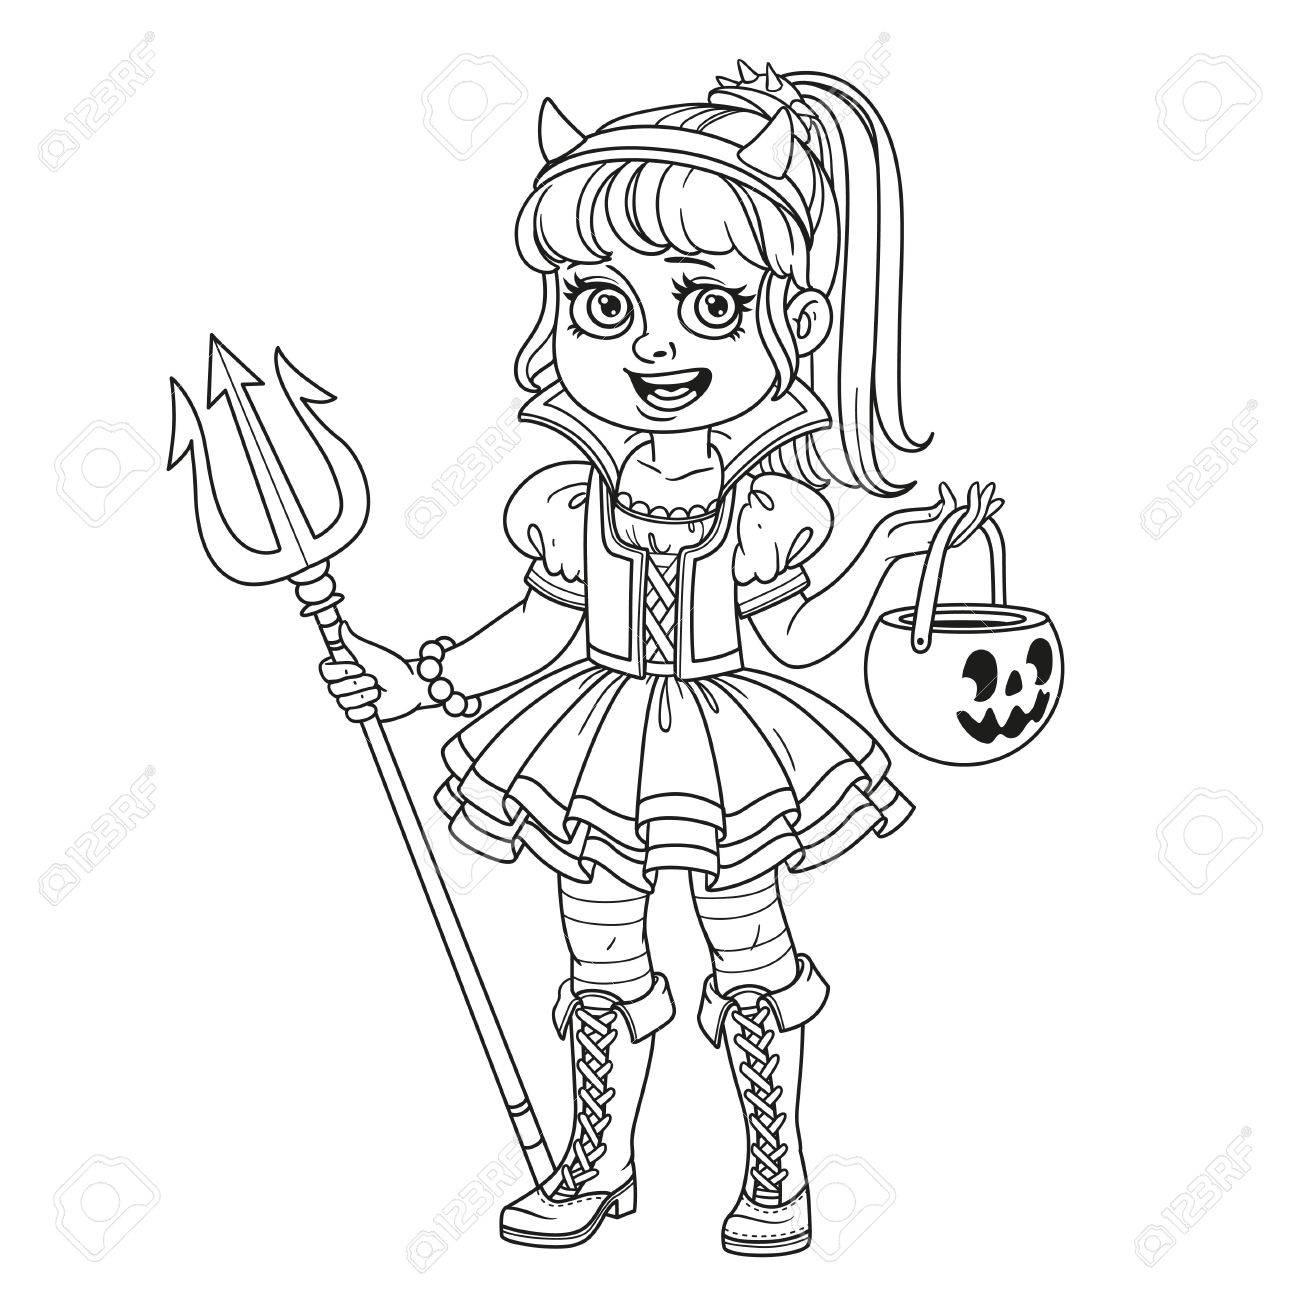 Süßes Mädchen In Sukkubus Kostüm Mit Einer Kürbis Tasche Für ...